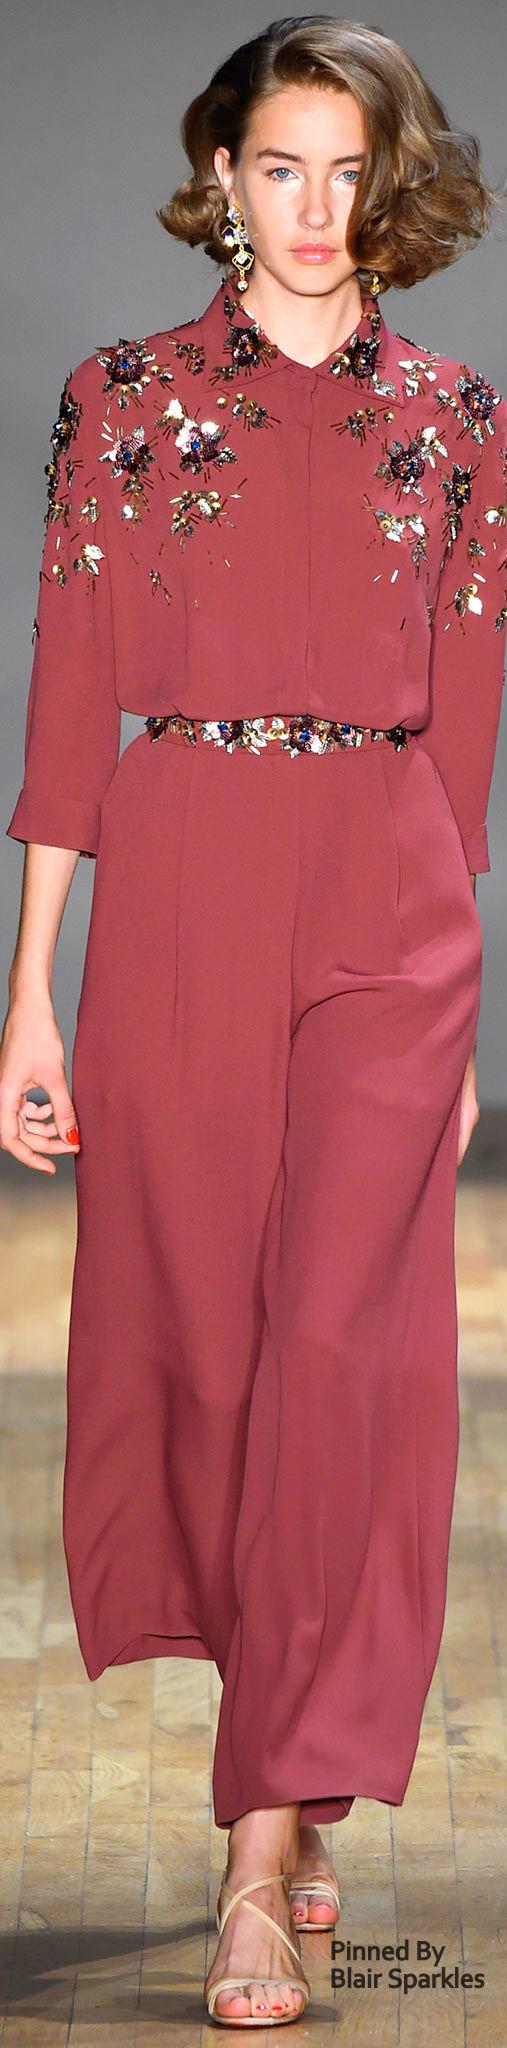 Jenny Packham Spring 2015 RTW | Fashion II | Pinterest | Color ...